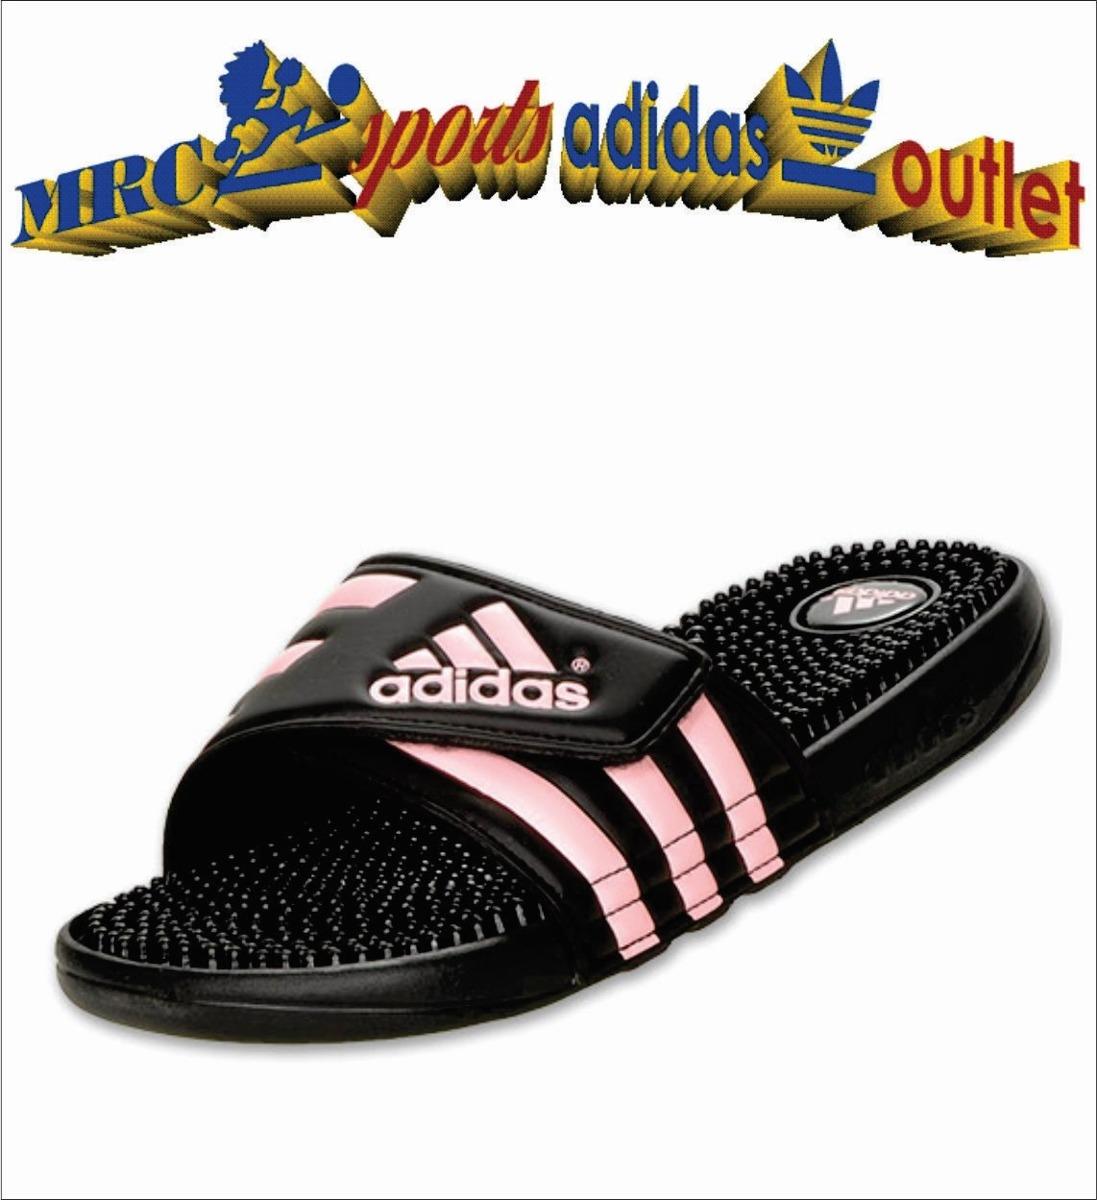 Caso Mujer Chanclas Apagado Adidas En 2 Cualquier Y Compre Espana U7BqICx 79112aae6edc9